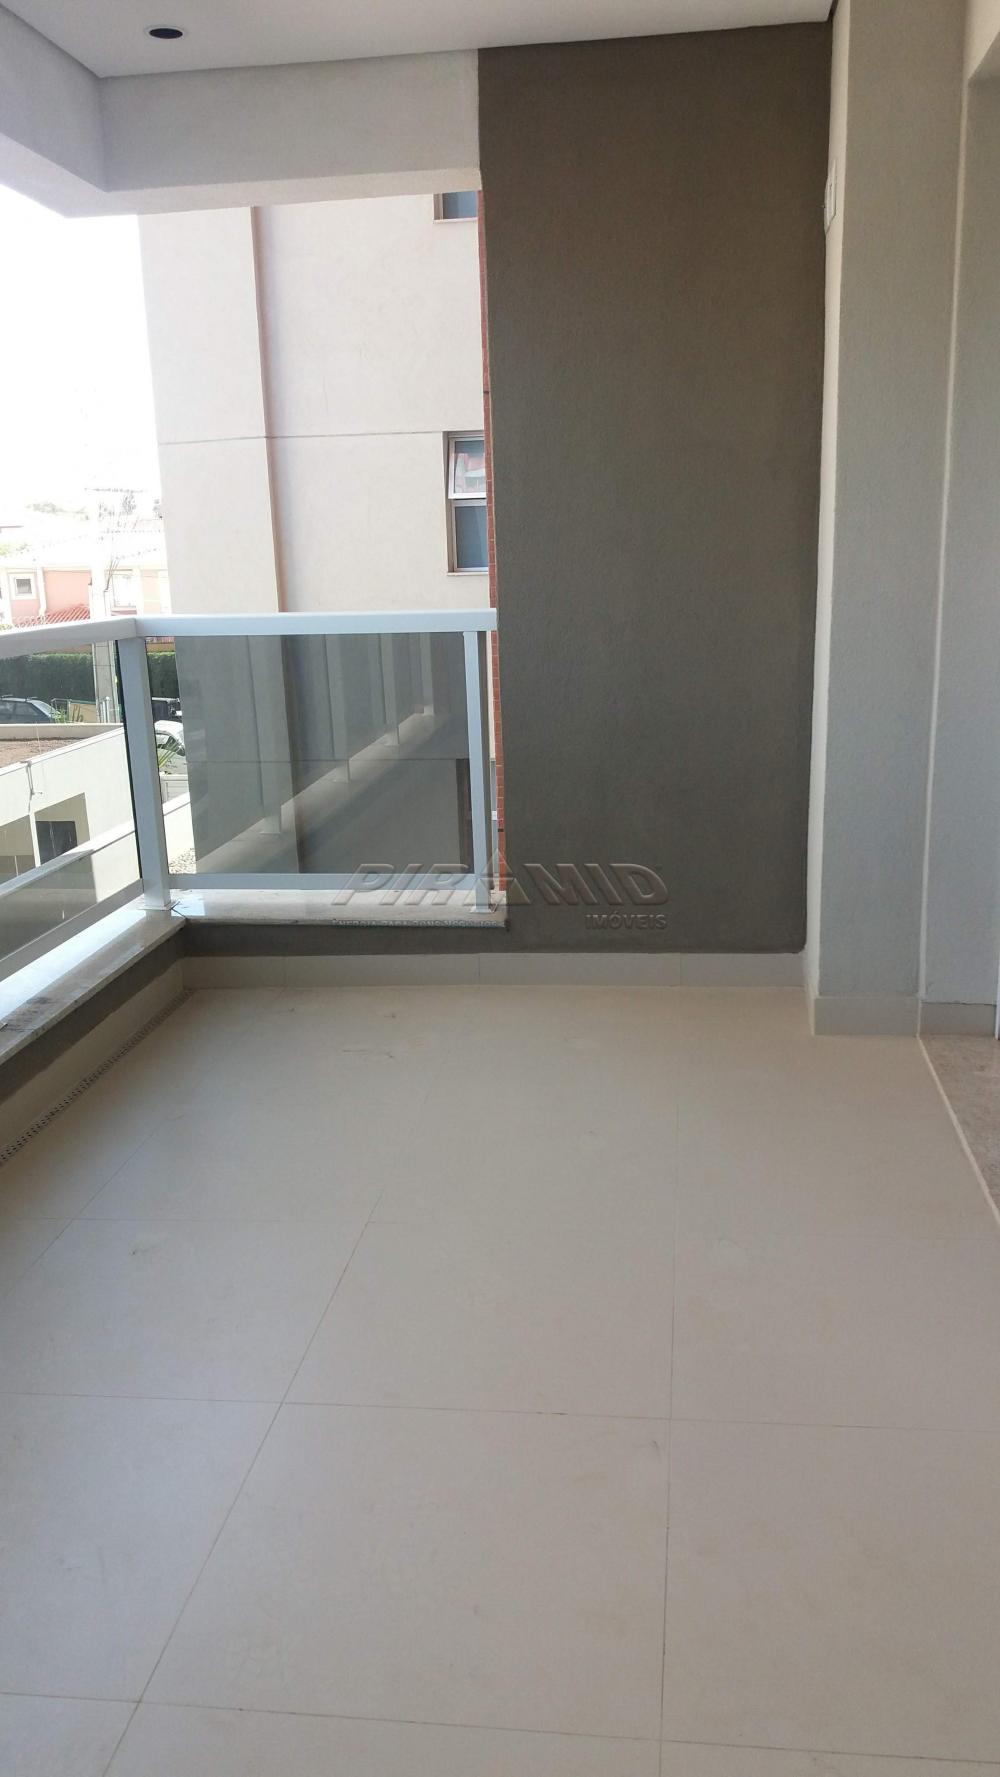 Comprar Apartamento / Padrão em Ribeirão Preto apenas R$ 785.648,24 - Foto 4